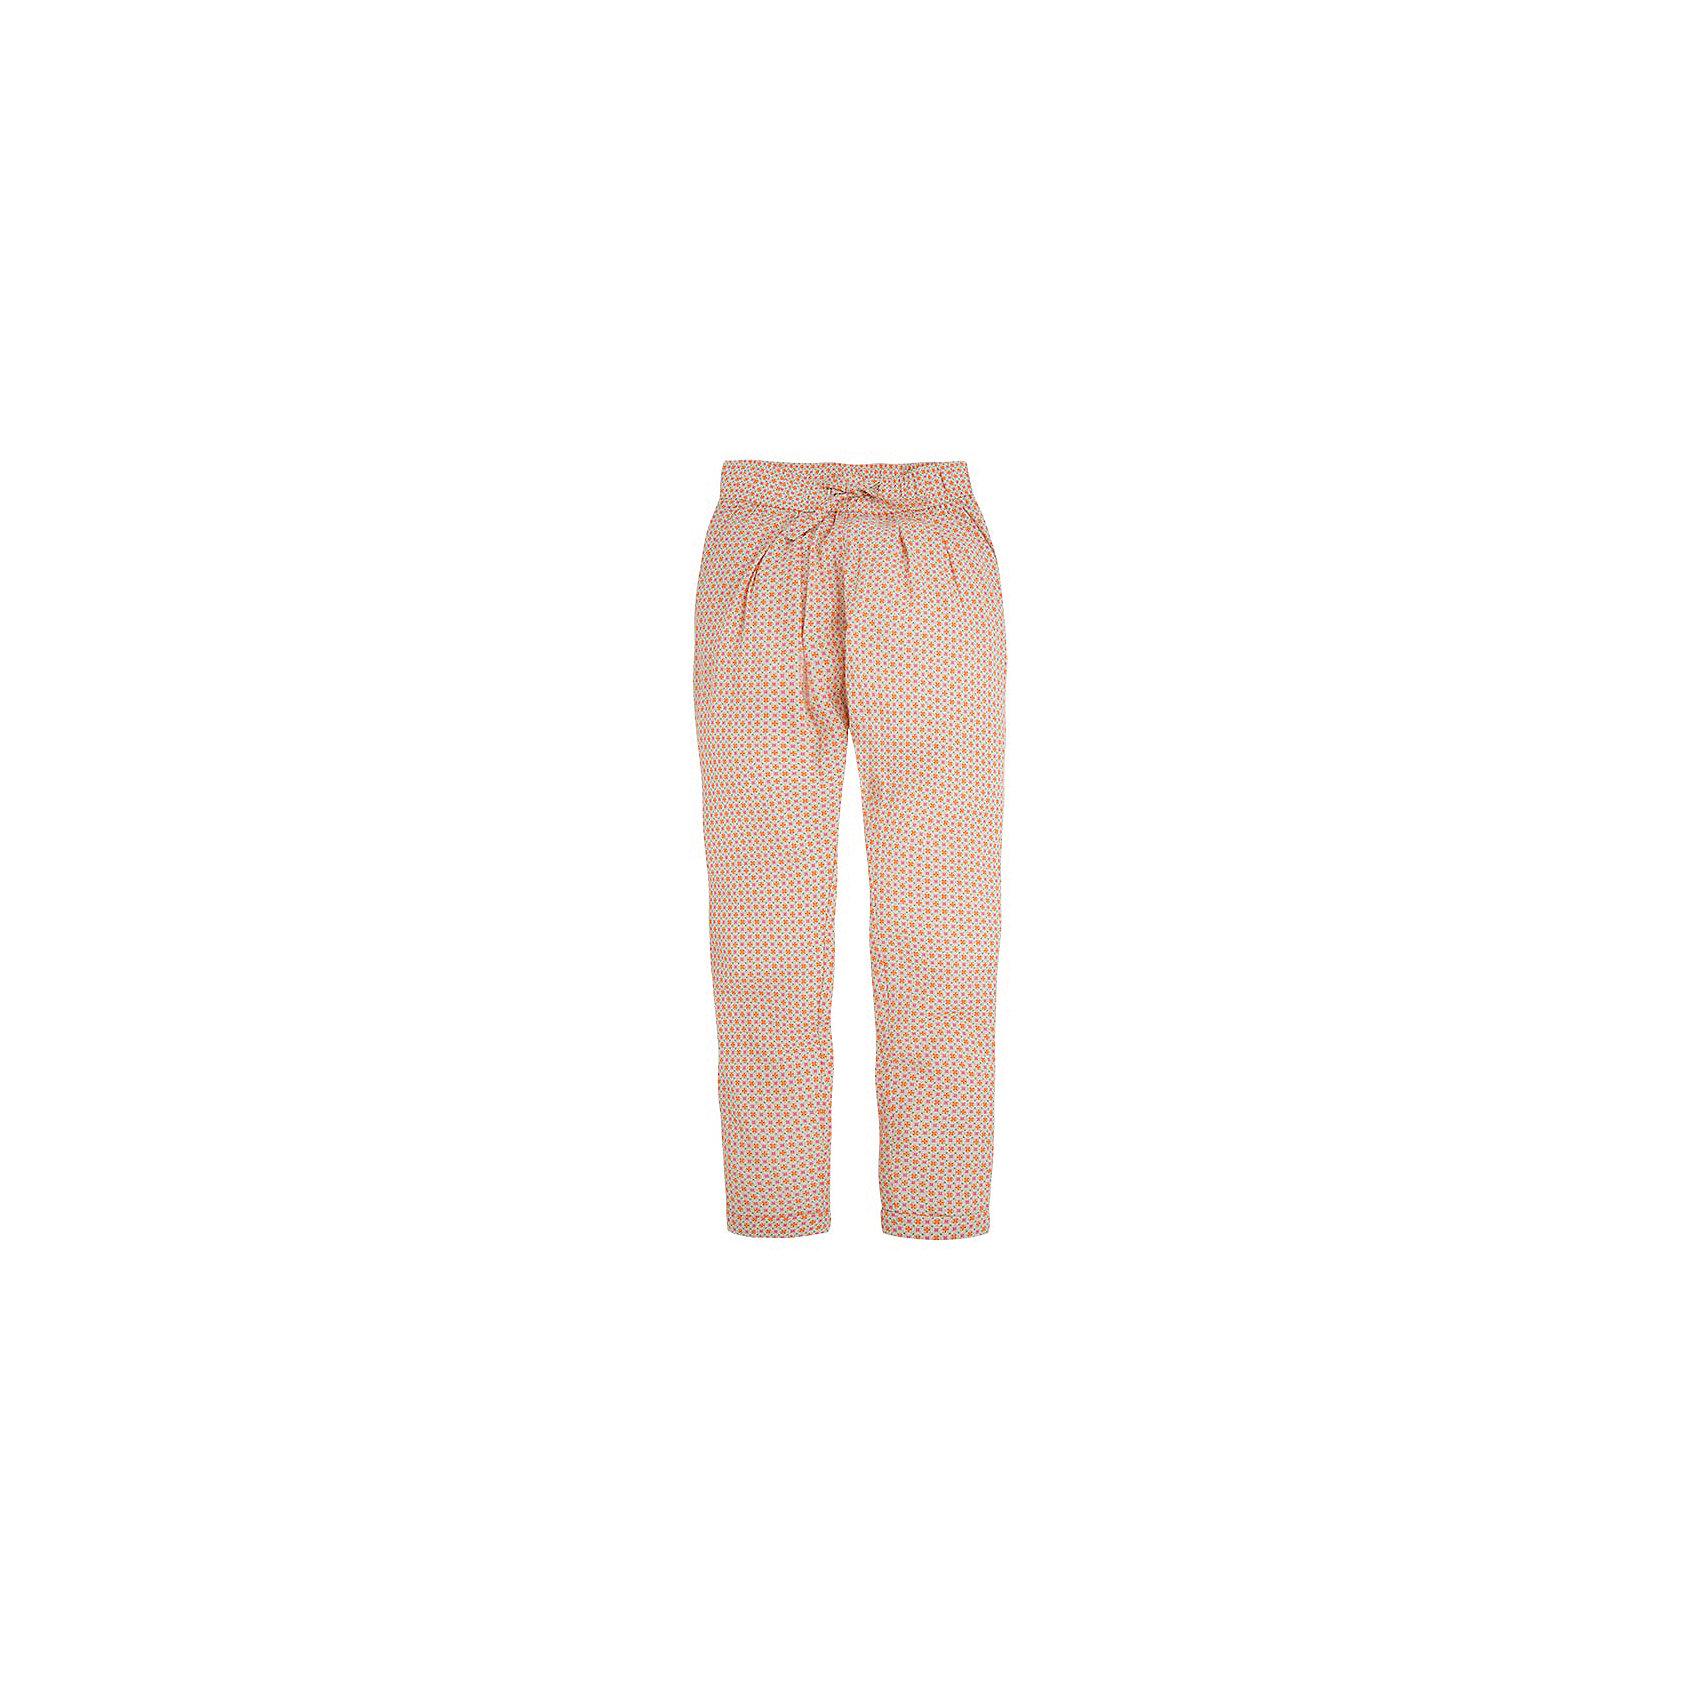 Брюки для девочки MayoralБрюки<br>Брюки для девочки от популярной испанской марки Mayoral.<br><br>Легкие брюки от известного испанского бренда Mayoral – отличный вариант летней одежды для ребенка. Удобный крой и качественный материал обеспечит ребенку комфорт при ношении этой вещи.<br><br>Данное изделие сшито из тонкой вискозы. Пояс - на резинке. Цвет - коралловый.<br><br>Состав: 100% вискоза<br>Уход за изделием:<br><br>стирка в машине при температуре до 30°С,<br>не отбеливать,<br>гладить на низкой температуре.<br> <br>Брюки для девочки Mayoral (Майорал) можно купить в нашем магазине.<br><br>Ширина мм: 215<br>Глубина мм: 88<br>Высота мм: 191<br>Вес г: 336<br>Цвет: оранжевый<br>Возраст от месяцев: 144<br>Возраст до месяцев: 156<br>Пол: Женский<br>Возраст: Детский<br>Размер: 158,140,164,152<br>SKU: 4068588